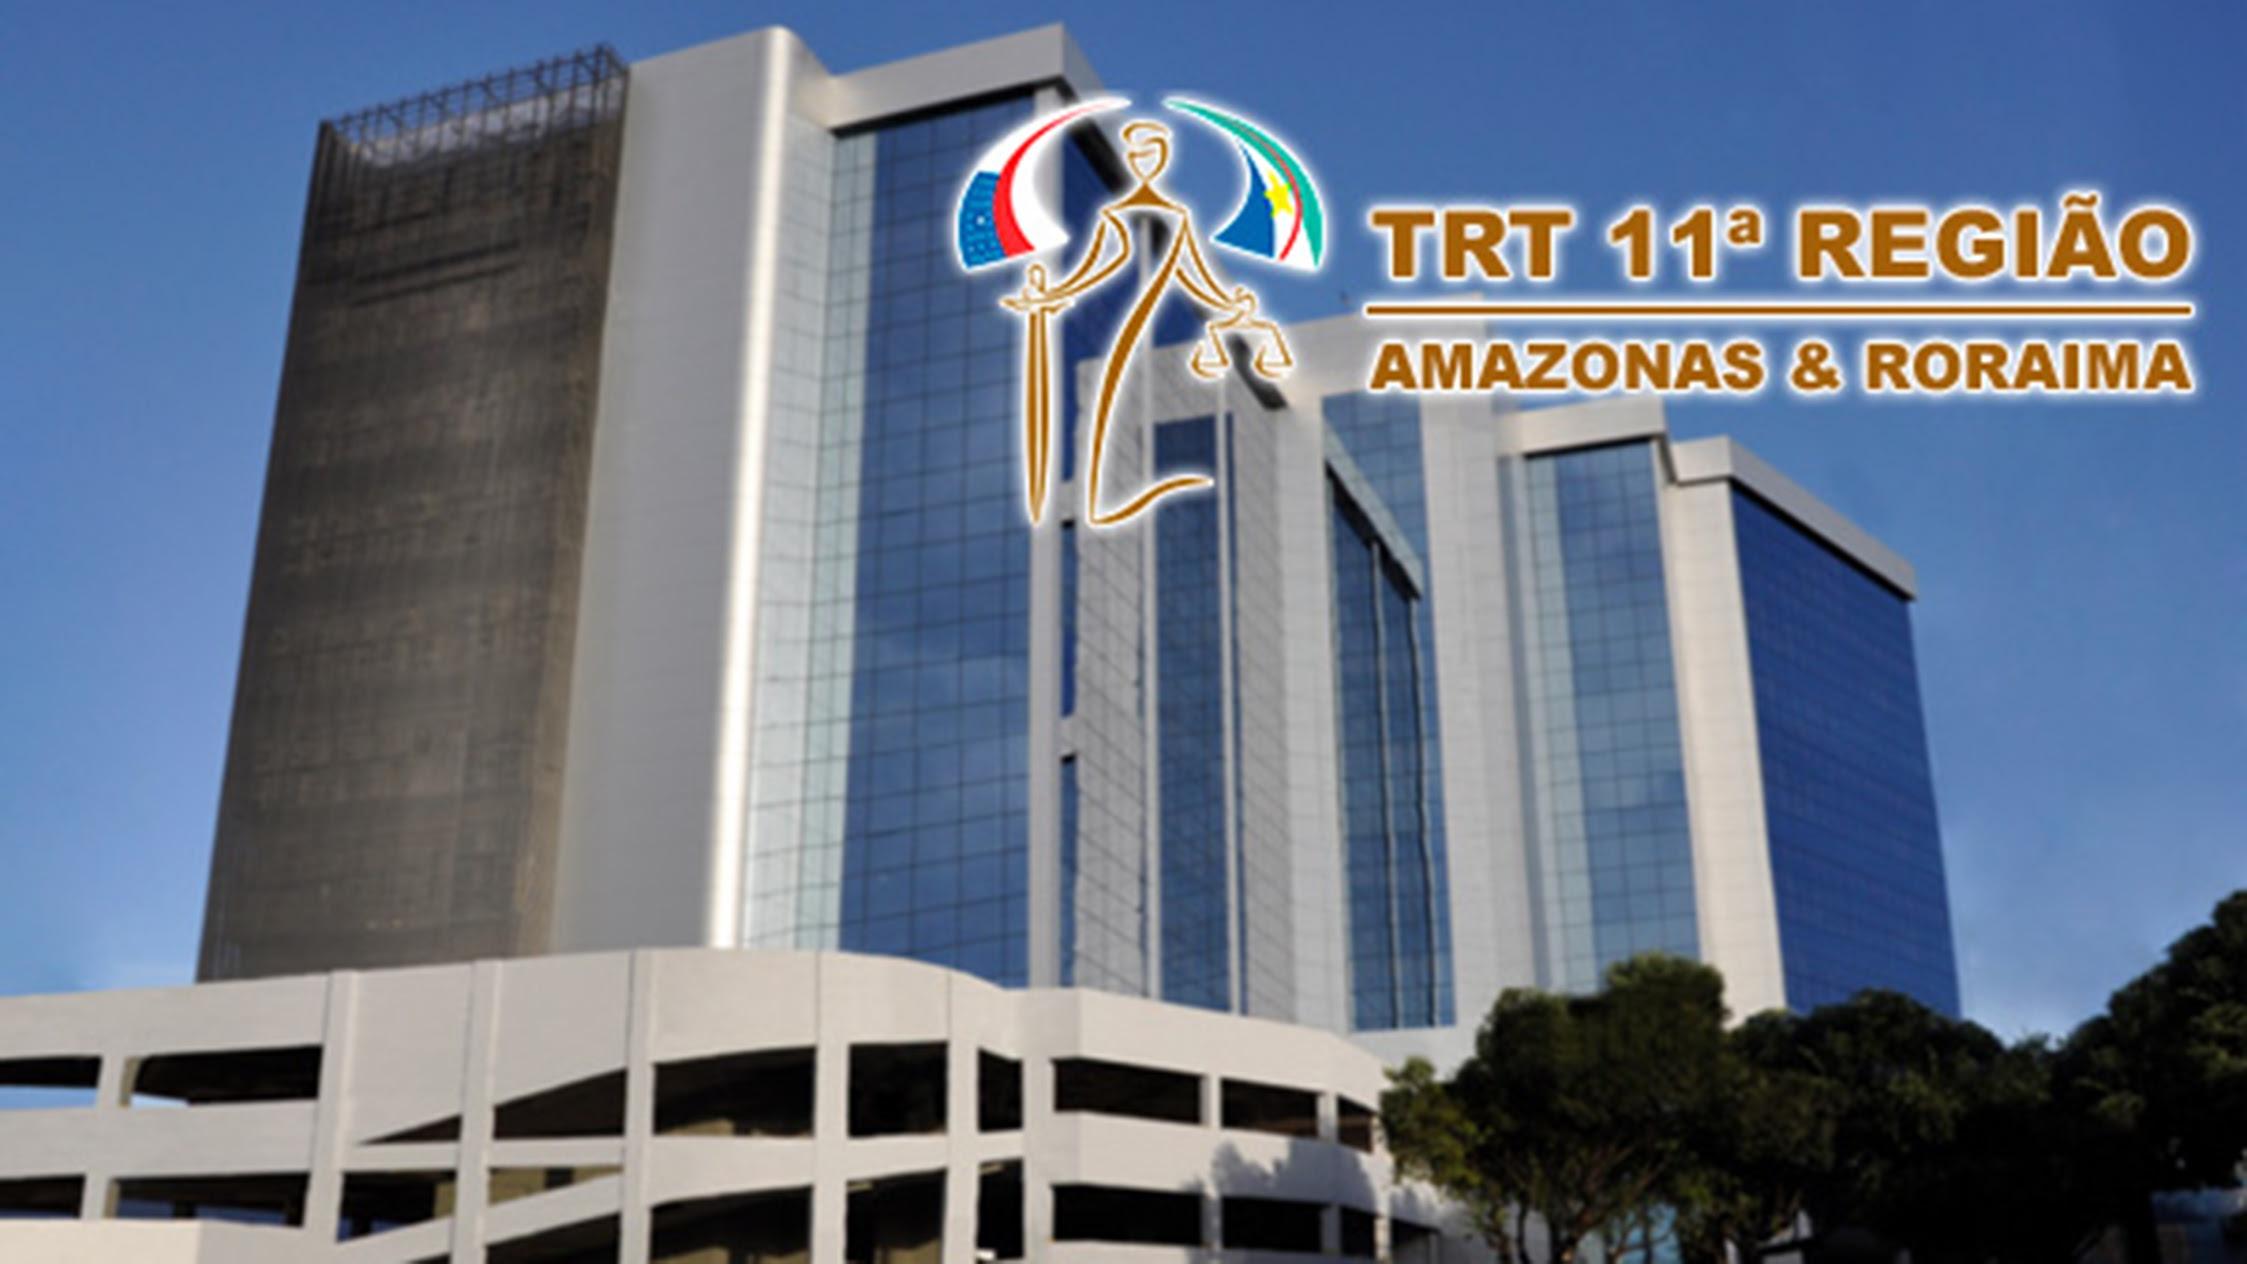 Concurso TRT 11ª Região (TRT 11) nomeou além das vagas imediatas do edital. Novo edital iminente para níveis médio e superior!